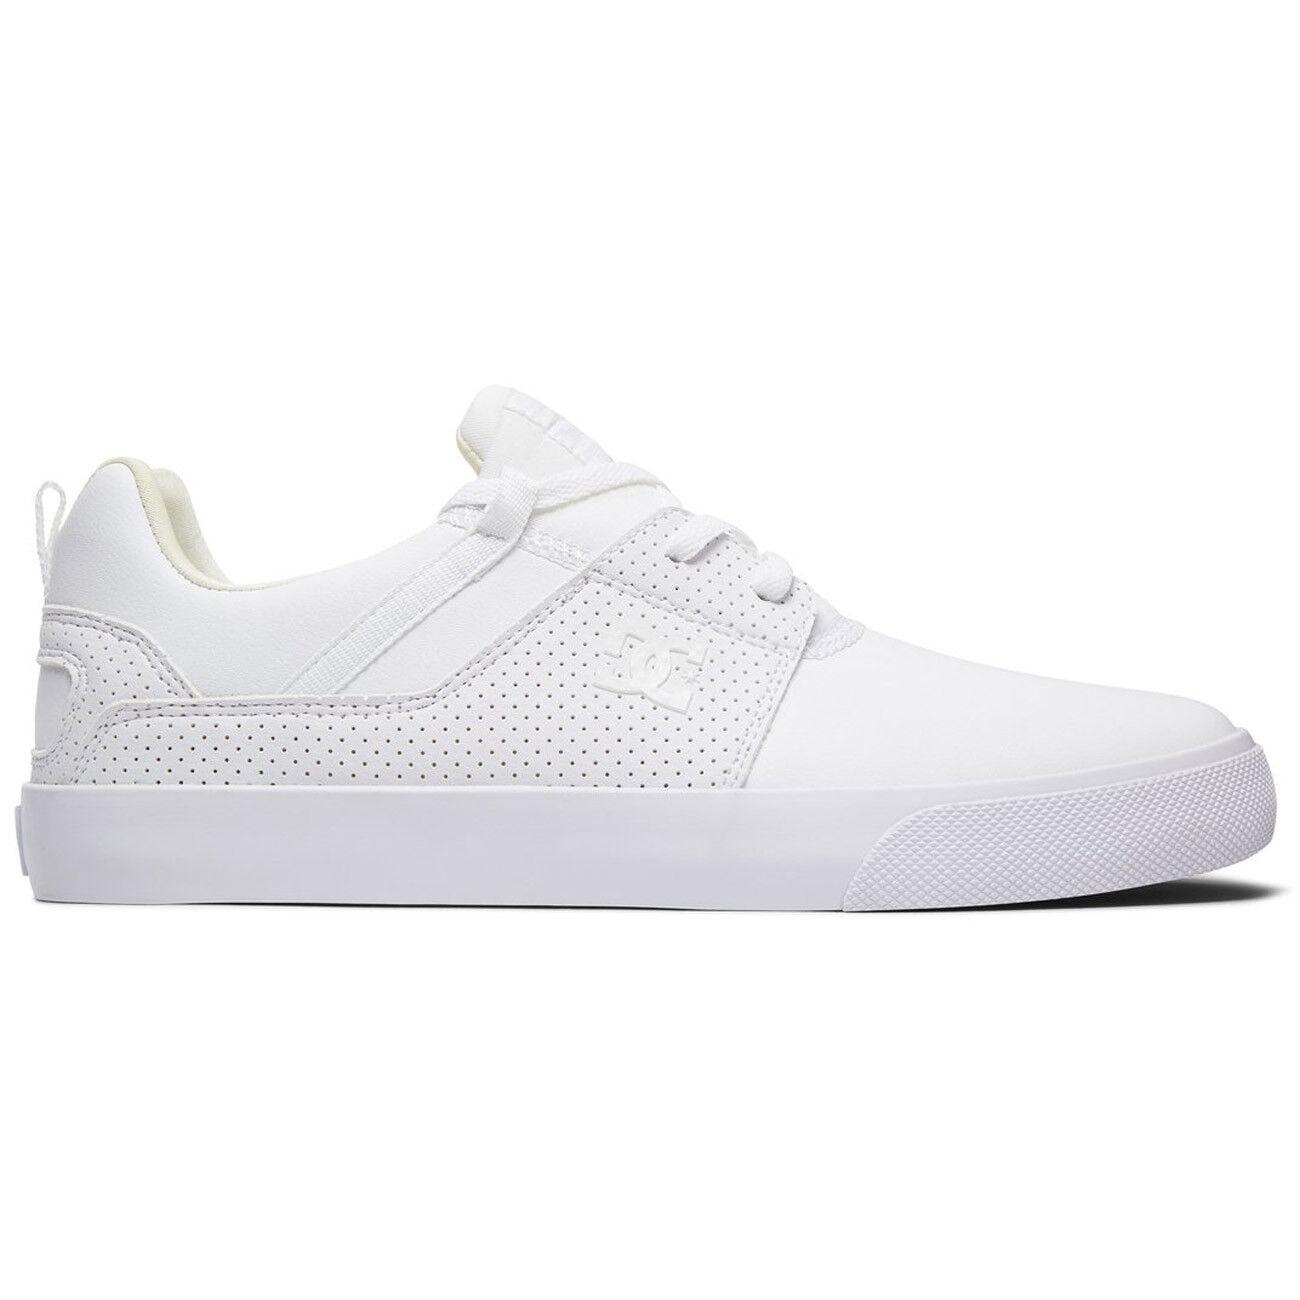 DC calcetines cortos heathrow heathrow heathrow vulc m zapatos  las mejores marcas venden barato